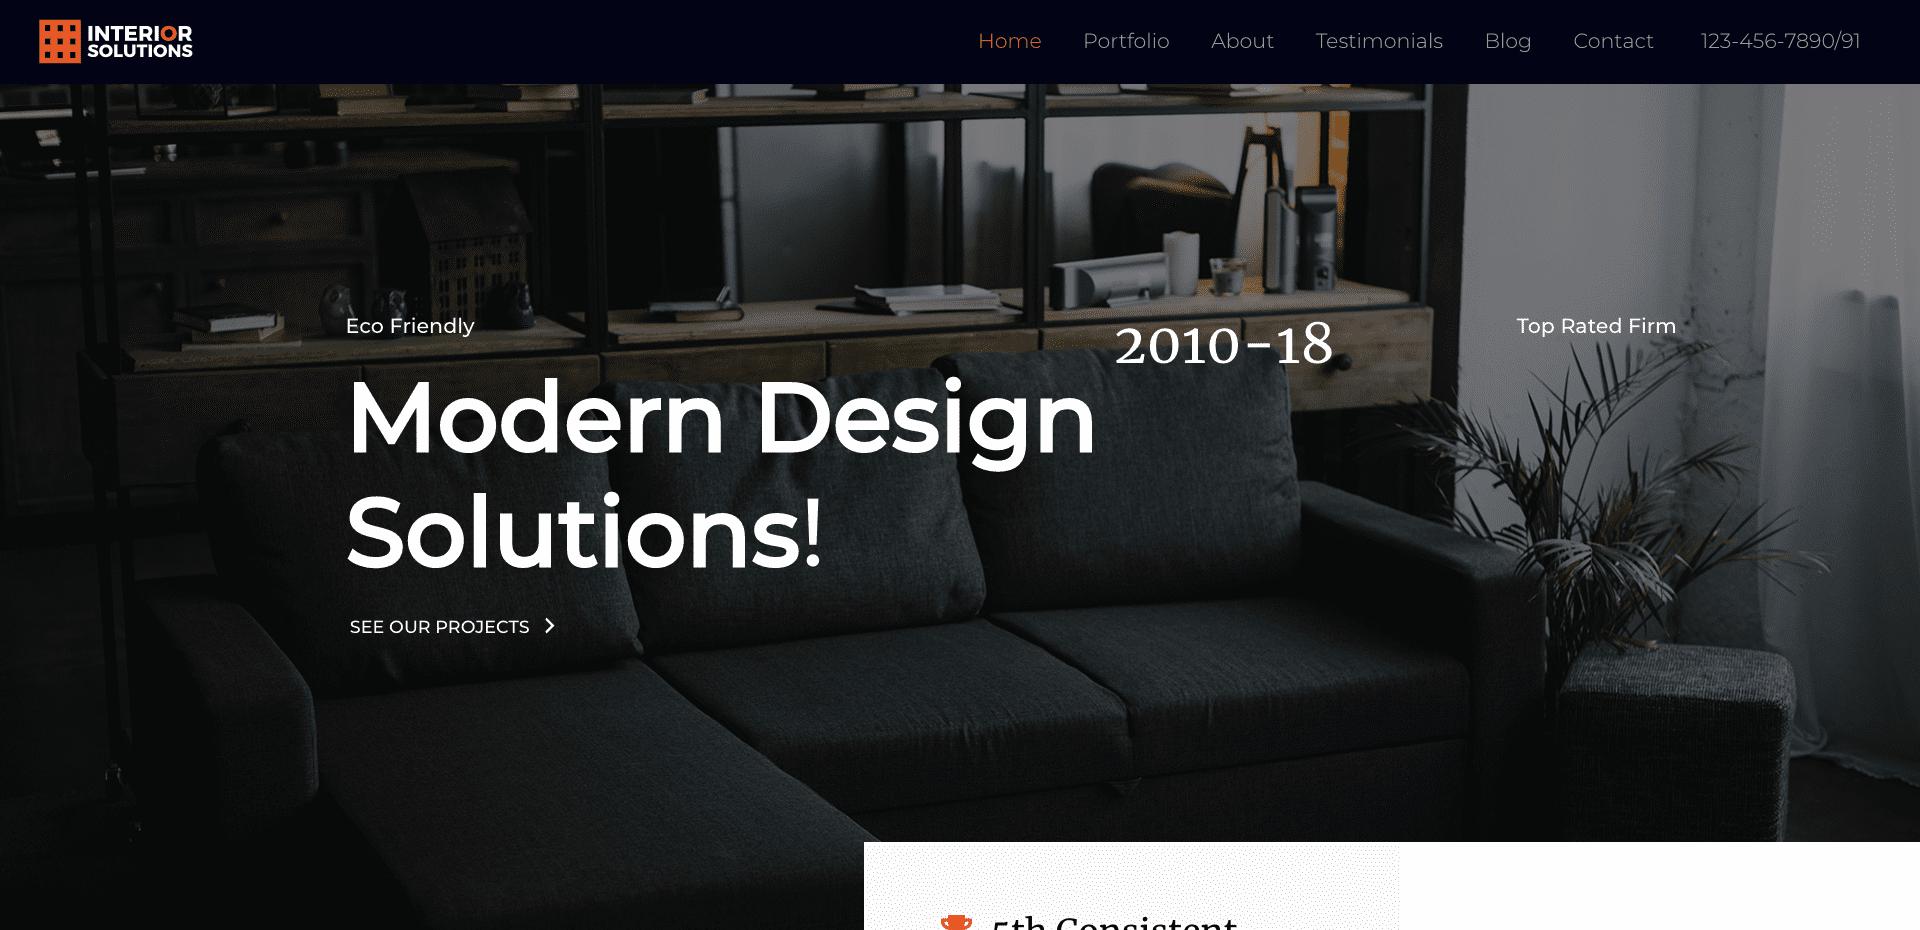 Interior Design Demo